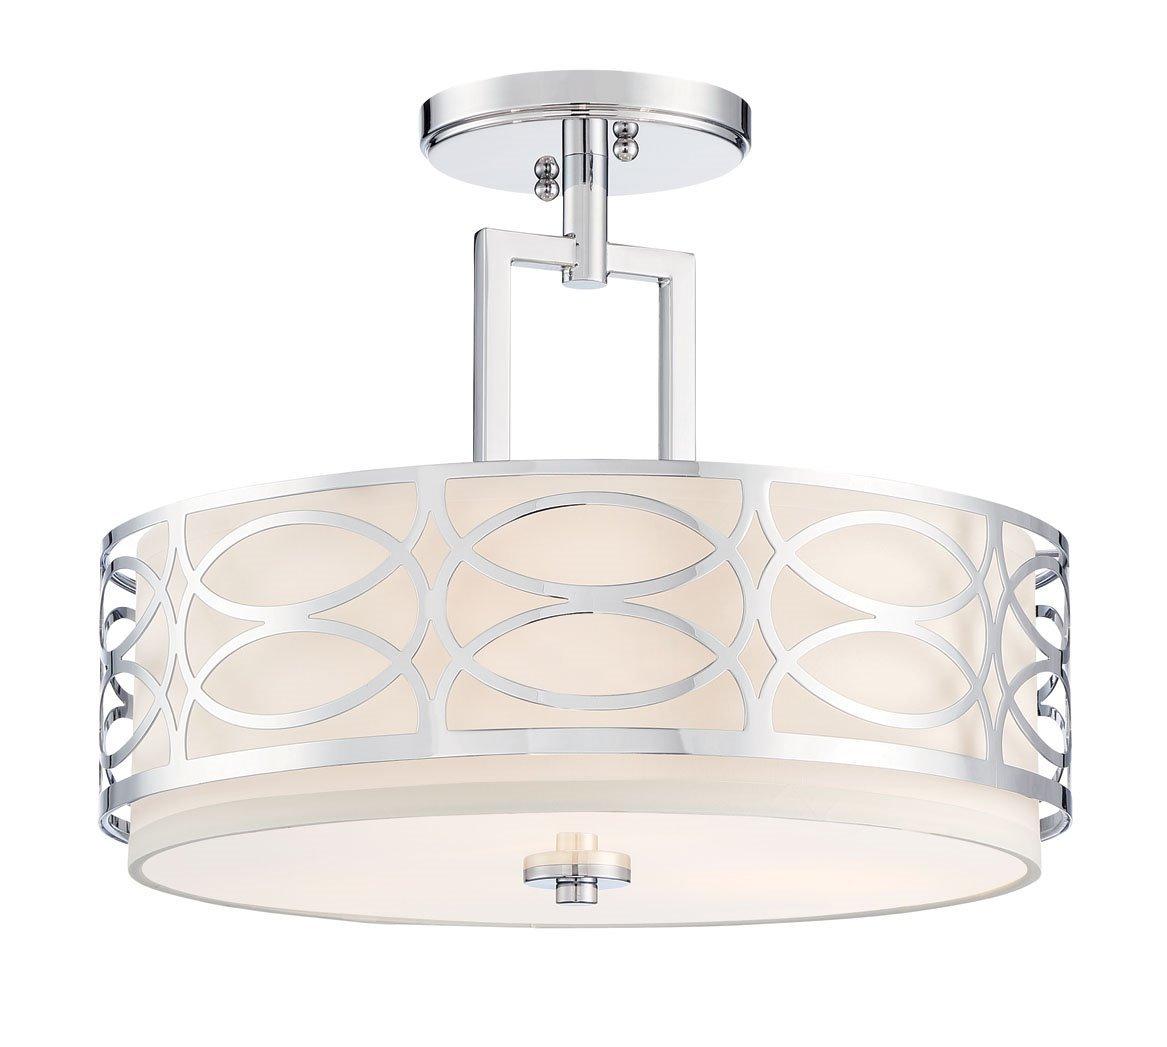 Revel Sienna 15'' 3-Light Semi Flush Mount Ceiling Light + Glass Diffuser, Chrome Finish